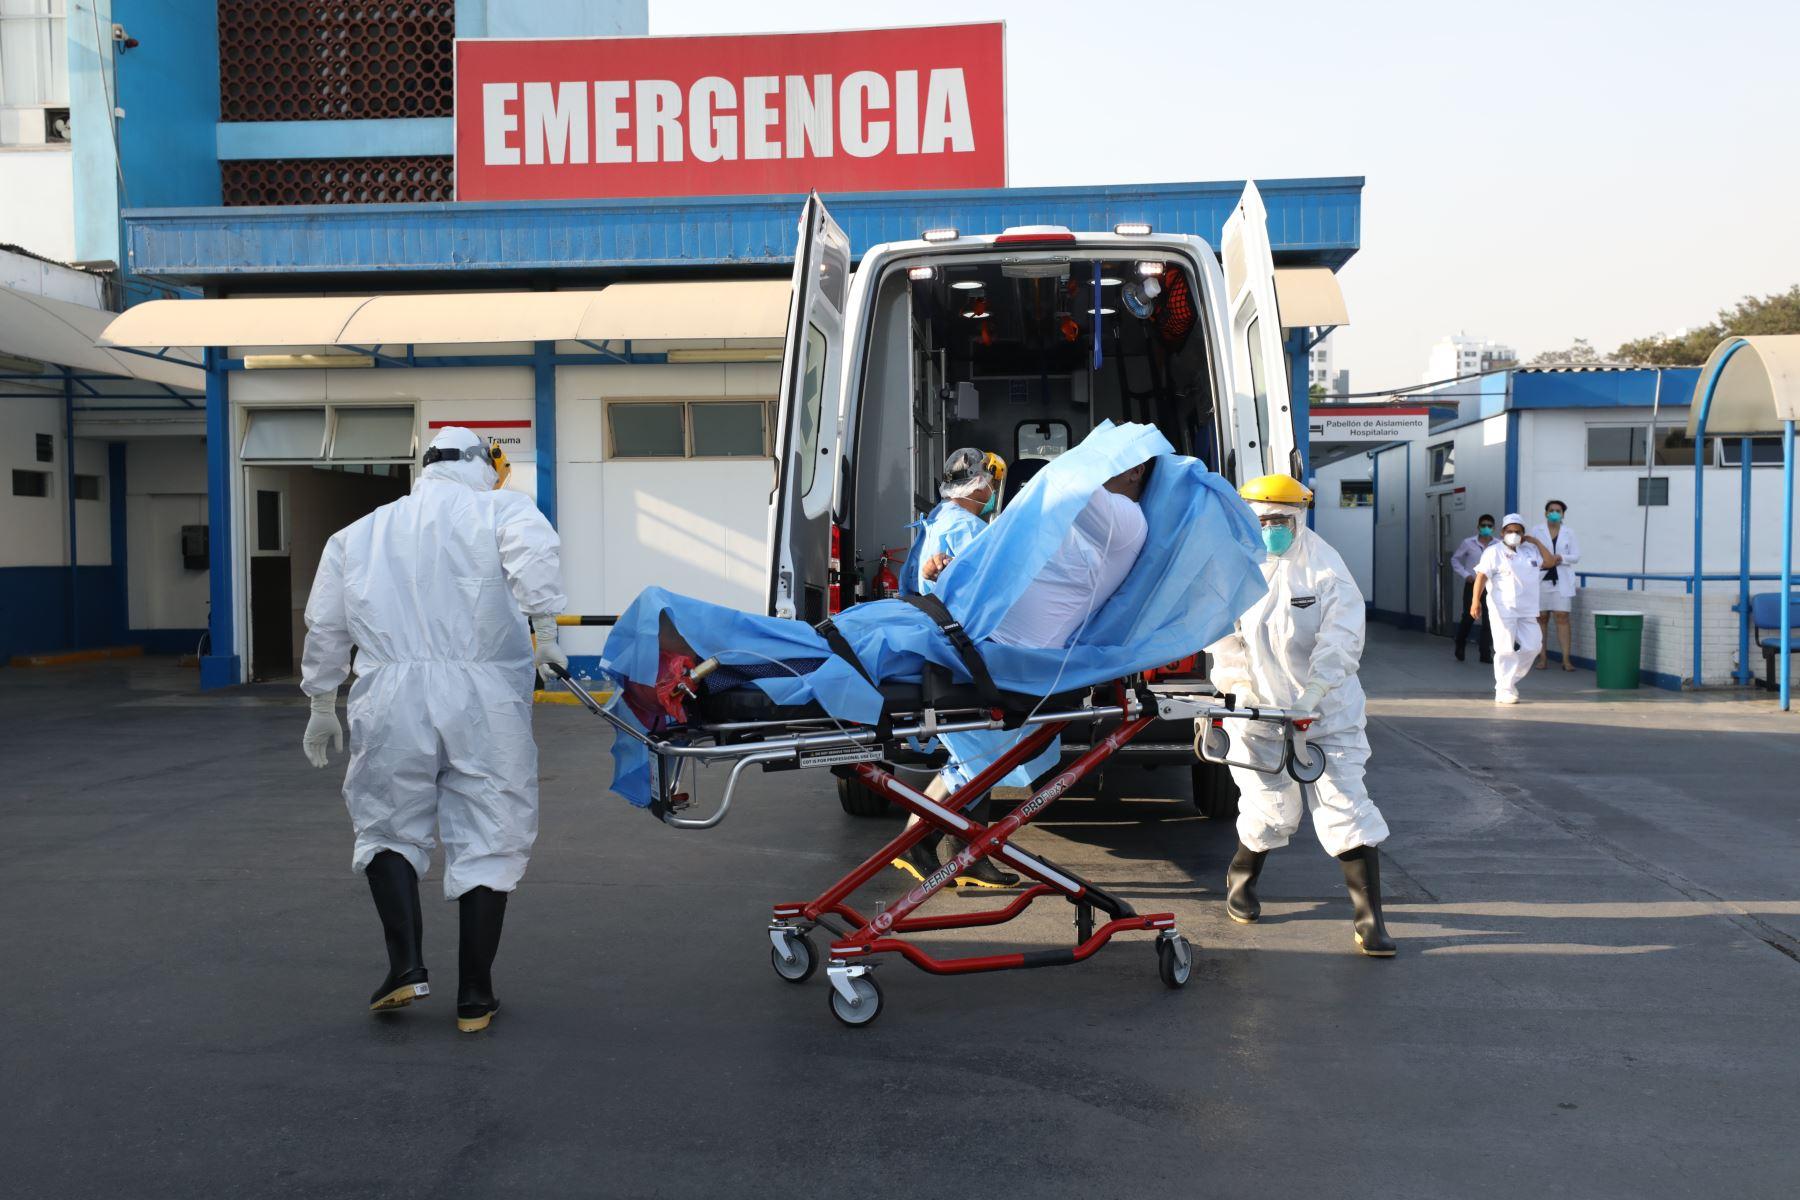 Lima sigue siendo la región con el mayor número de infectados por Covid-19 a la fecha con 110,161 casos. ANDINA/Difusión